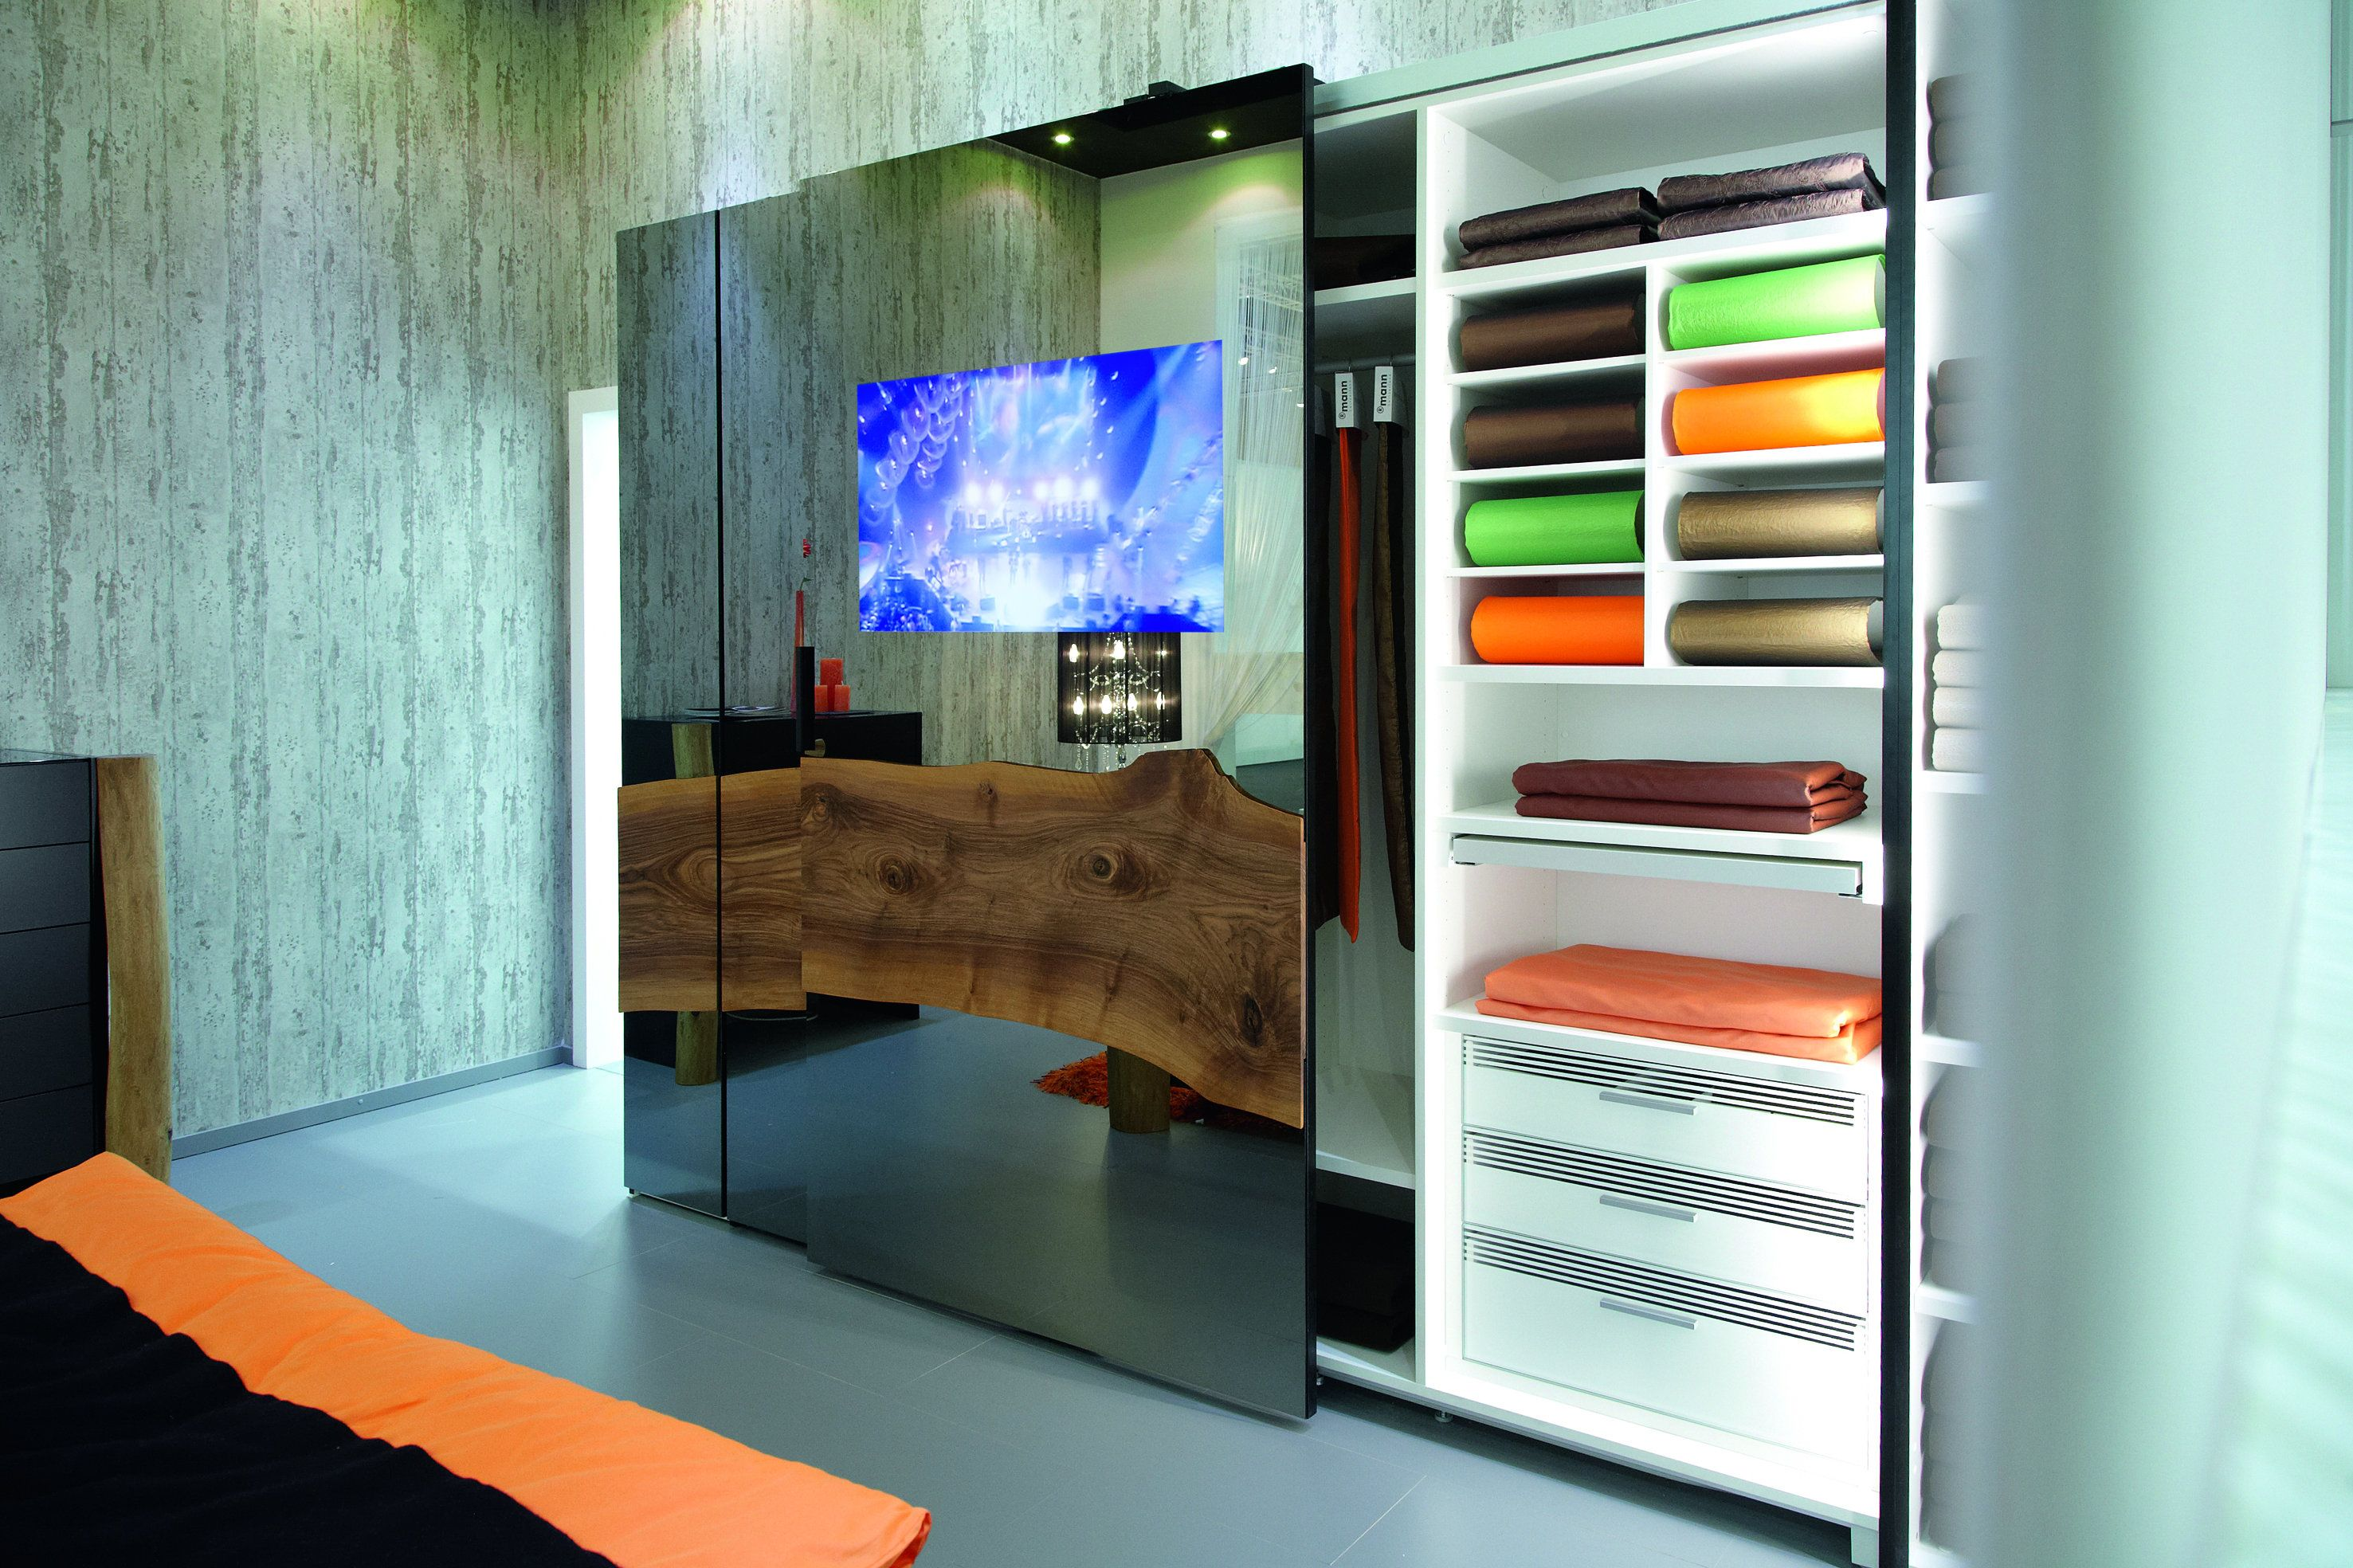 Inbyggd tv i skjutdörr - smarta garderober från R-Mann www.vallaste ...